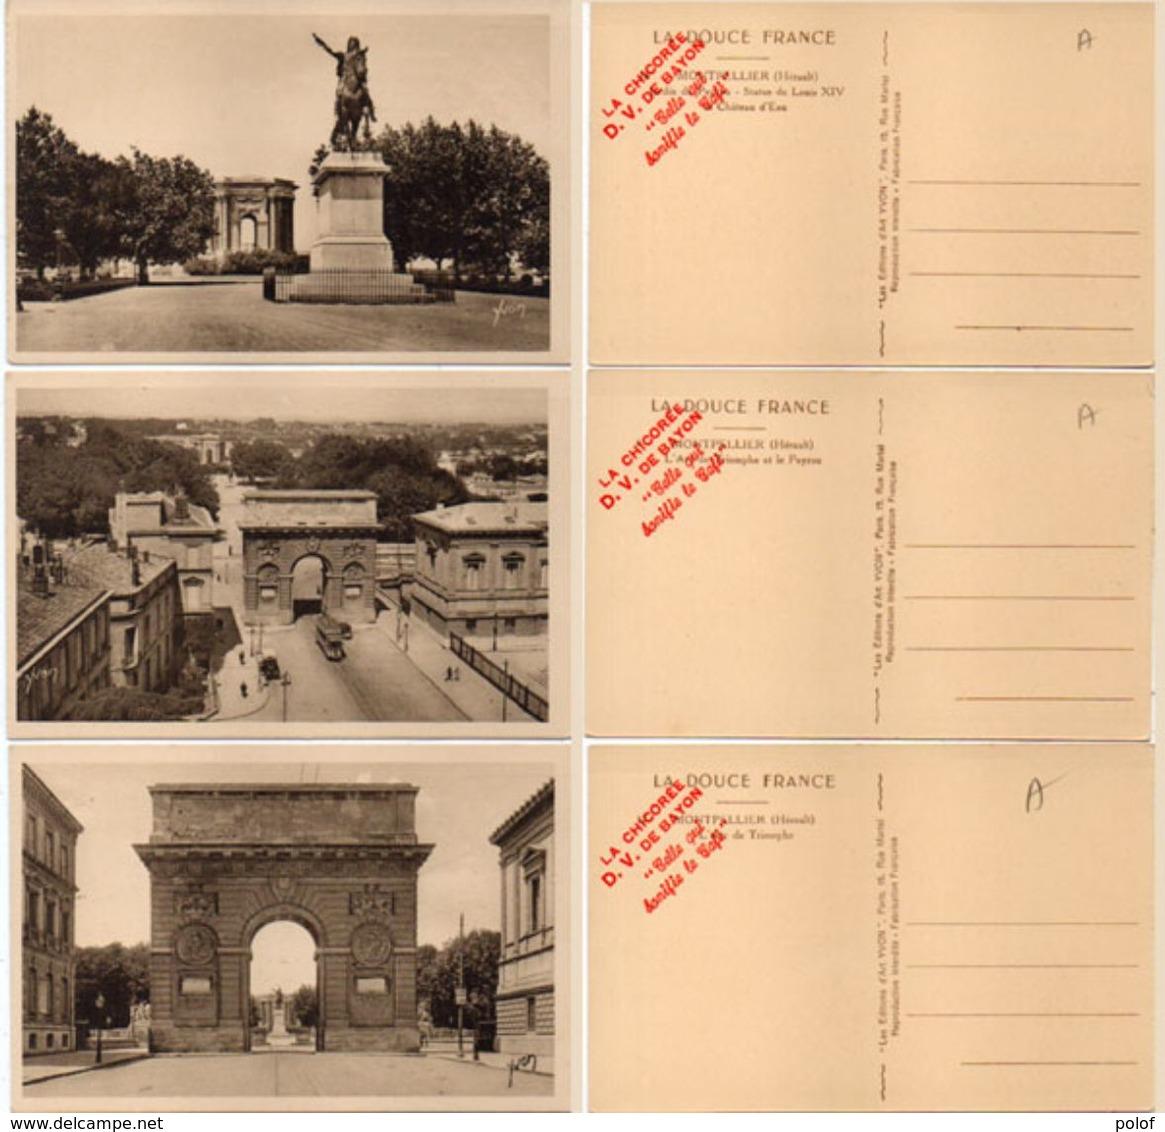 3 CPA - Arc De Triomphe - Le Peyrou - Statue Louis XIV Et Chateau D' Eau - Pub Chicorée D.V. De Bayon (101746) - Montpellier